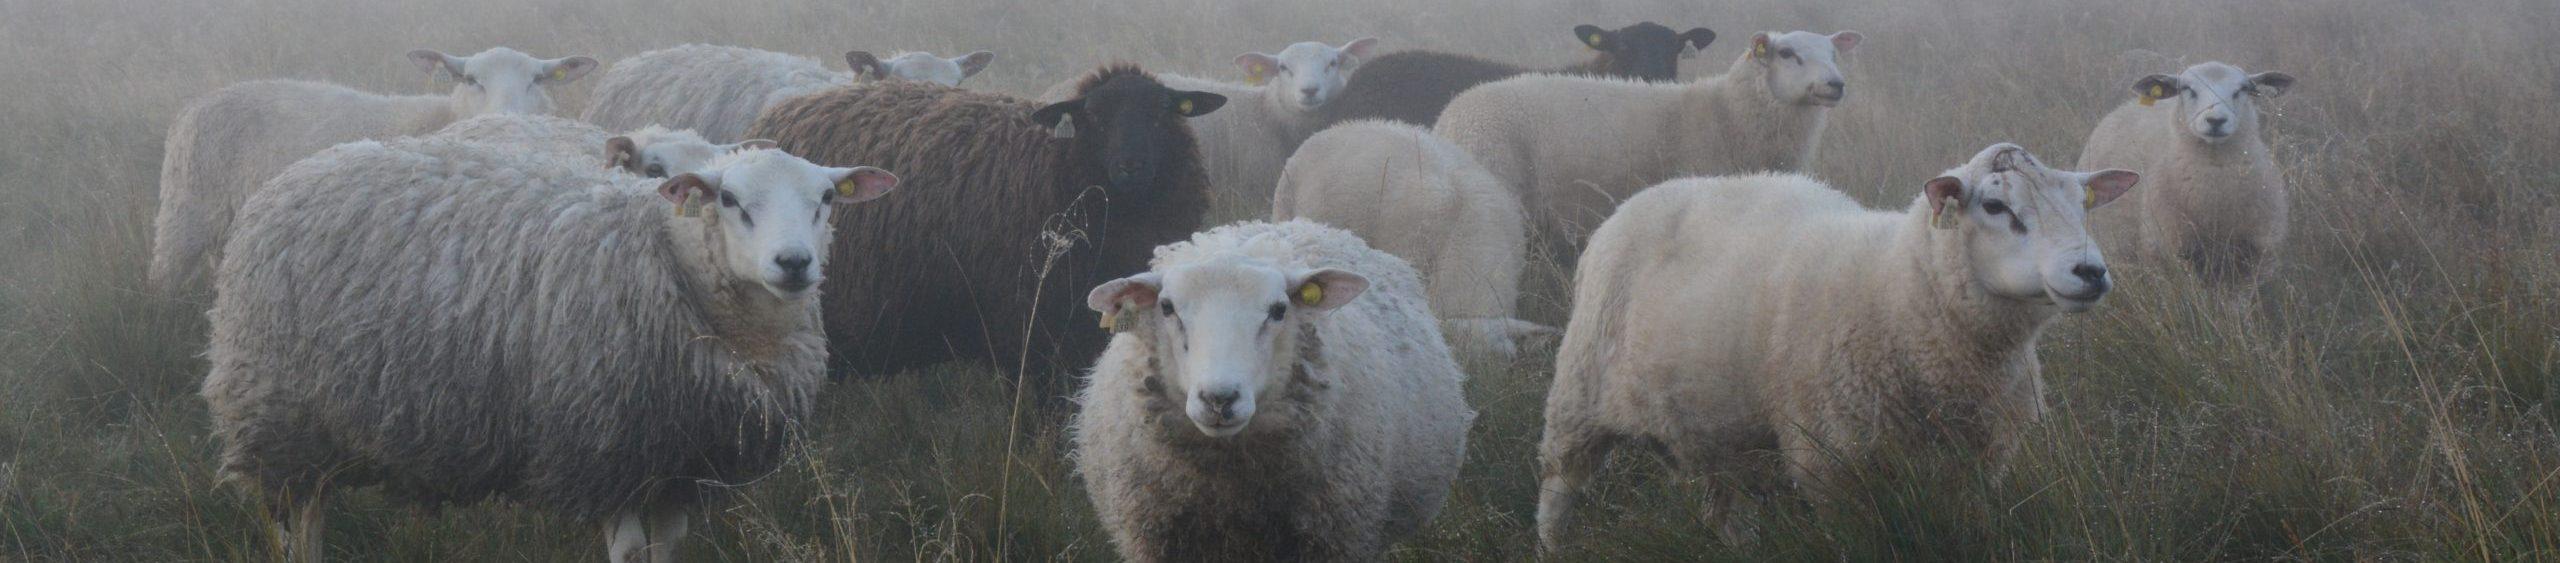 Kuvassa useita lampaita katsomassa kameraan päin sumuisassa säässä.